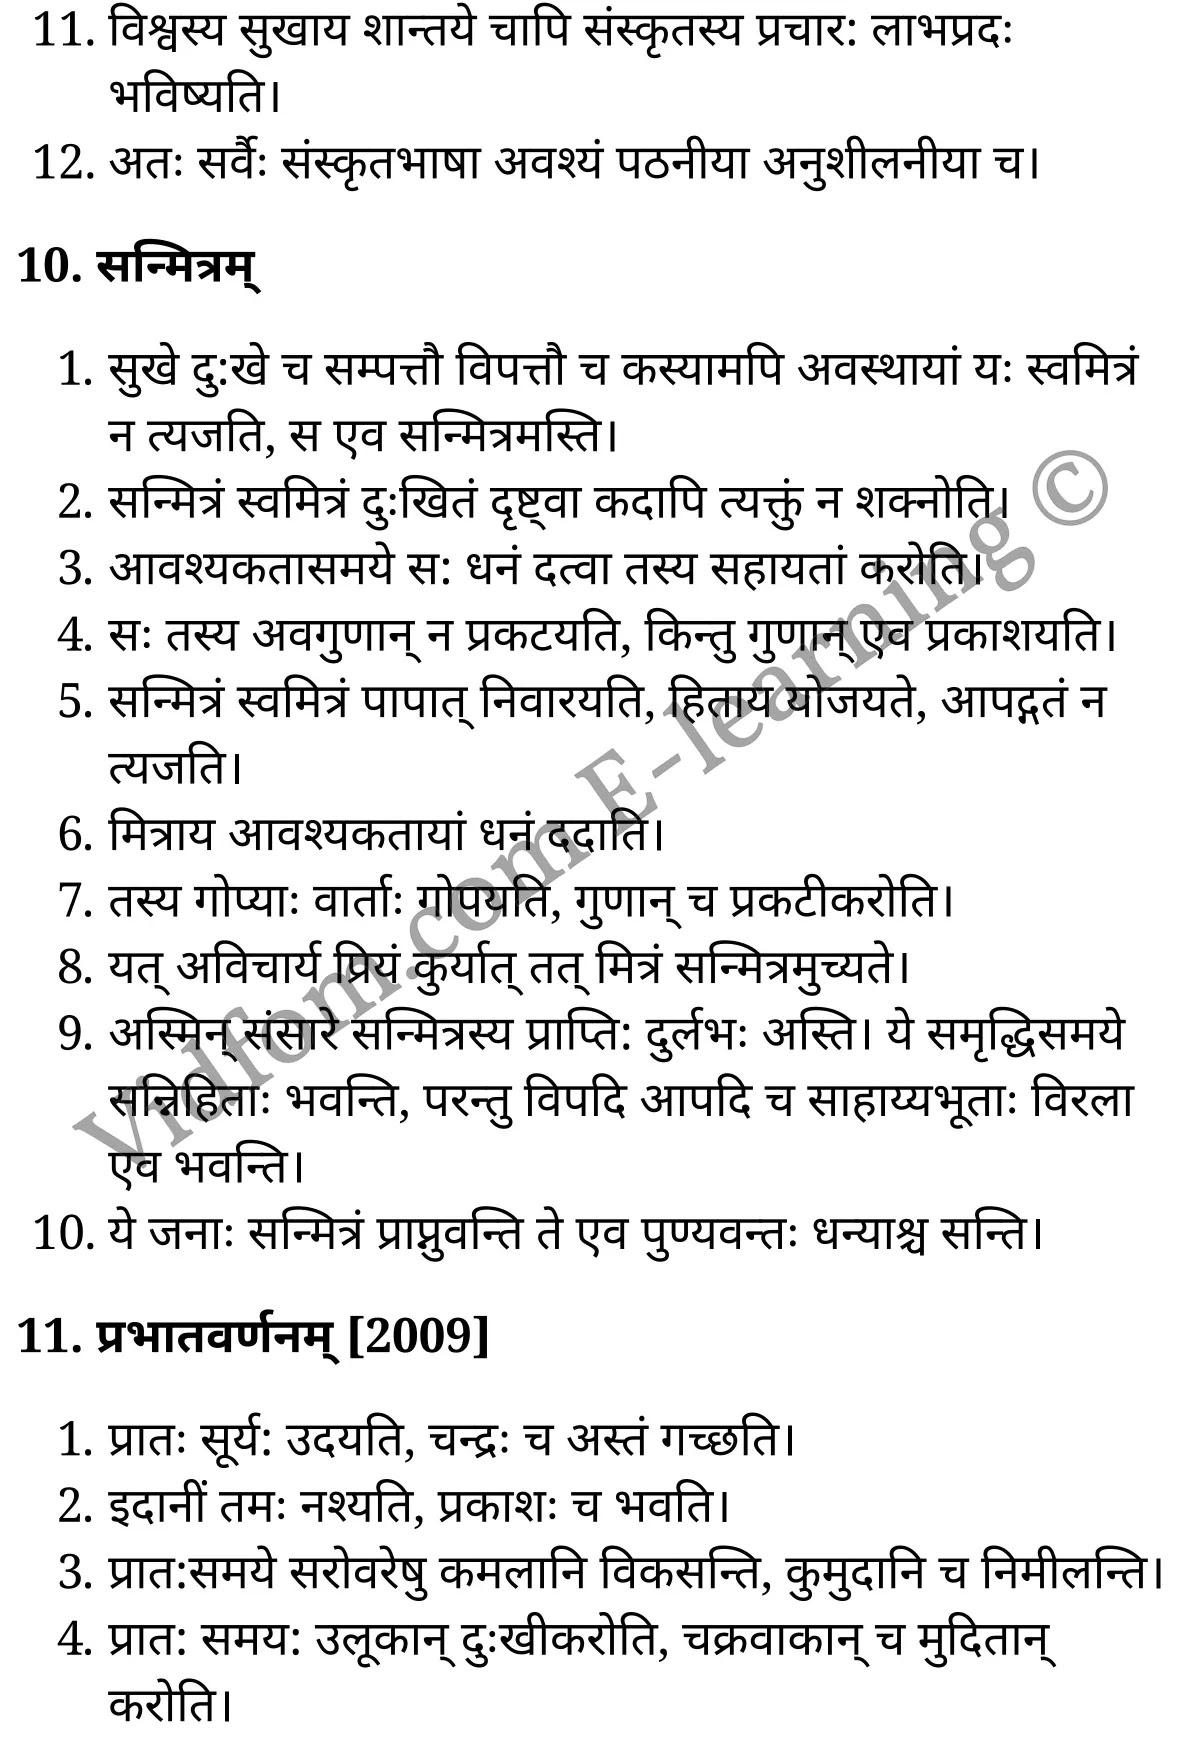 कक्षा 10 संस्कृत  के नोट्स  हिंदी में एनसीईआरटी समाधान,     class 10 sanskrit nibandh,   class 10 sanskrit nibandh ncert solutions in Hindi,   class 10 sanskrit nibandh notes in hindi,   class 10 sanskrit nibandh question answer,   class 10 sanskrit nibandh notes,   class 10 sanskrit nibandh class 10 sanskrit nibandh in  hindi,    class 10 sanskrit nibandh important questions in  hindi,   class 10 sanskrit nibandh notes in hindi,    class 10 sanskrit nibandh test,   class 10 sanskrit nibandh pdf,   class 10 sanskrit nibandh notes pdf,   class 10 sanskrit nibandh exercise solutions,   class 10 sanskrit nibandh notes study rankers,   class 10 sanskrit nibandh notes,    class 10 sanskrit nibandh  class 10  notes pdf,   class 10 sanskrit nibandh class 10  notes  ncert,   class 10 sanskrit nibandh class 10 pdf,   class 10 sanskrit nibandh  book,   class 10 sanskrit nibandh quiz class 10  ,   कक्षा 10 निबन्ध,  कक्षा 10 निबन्ध  के नोट्स हिंदी में,  कक्षा 10 निबन्ध प्रश्न उत्तर,  कक्षा 10 निबन्ध के नोट्स,  10 कक्षा निबन्ध  हिंदी में, कक्षा 10 निबन्ध  हिंदी में,  कक्षा 10 निबन्ध  महत्वपूर्ण प्रश्न हिंदी में, कक्षा 10 संस्कृत के नोट्स  हिंदी में, निबन्ध हिंदी में कक्षा 10 नोट्स pdf,    निबन्ध हिंदी में  कक्षा 10 नोट्स 2021 ncert,   निबन्ध हिंदी  कक्षा 10 pdf,   निबन्ध हिंदी में  पुस्तक,   निबन्ध हिंदी में की बुक,   निबन्ध हिंदी में  प्रश्नोत्तरी class 10 ,  10   वीं निबन्ध  पुस्तक up board,   बिहार बोर्ड 10  पुस्तक वीं निबन्ध नोट्स,    निबन्ध  कक्षा 10 नोट्स 2021 ncert,   निबन्ध  कक्षा 10 pdf,   निबन्ध  पुस्तक,   निबन्ध की बुक,   निबन्ध प्रश्नोत्तरी class 10,   10  th class 10 sanskrit nibandh  book up board,   up board 10  th class 10 sanskrit nibandh notes,  class 10 sanskrit,   class 10 sanskrit ncert solutions in Hindi,   class 10 sanskrit notes in hindi,   class 10 sanskrit question answer,   class 10 sanskrit notes,  class 10 sanskrit class 10 sanskrit nibandh in  hindi,    class 10 sanskrit important questions in  hindi,   class 10 sanskrit notes in hindi,    class 10 